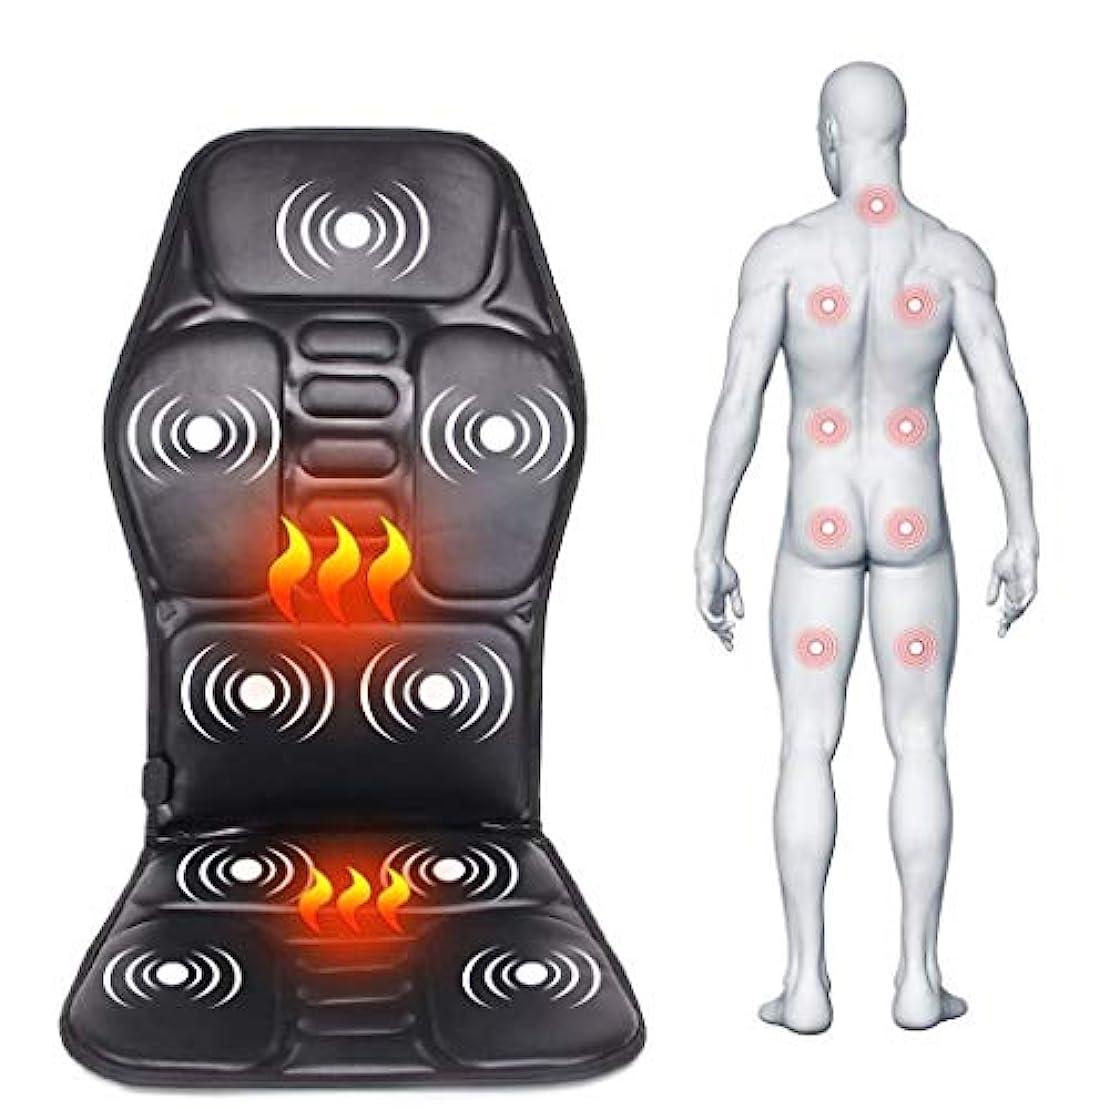 学士ホット食欲マッサージクッション、電動ポータブル暖房/振動/マッサージ、カー/ホーム/オフィスでの使用、腰と首の痛みを和らげるには、血液循環を促進、疲労を和らげます